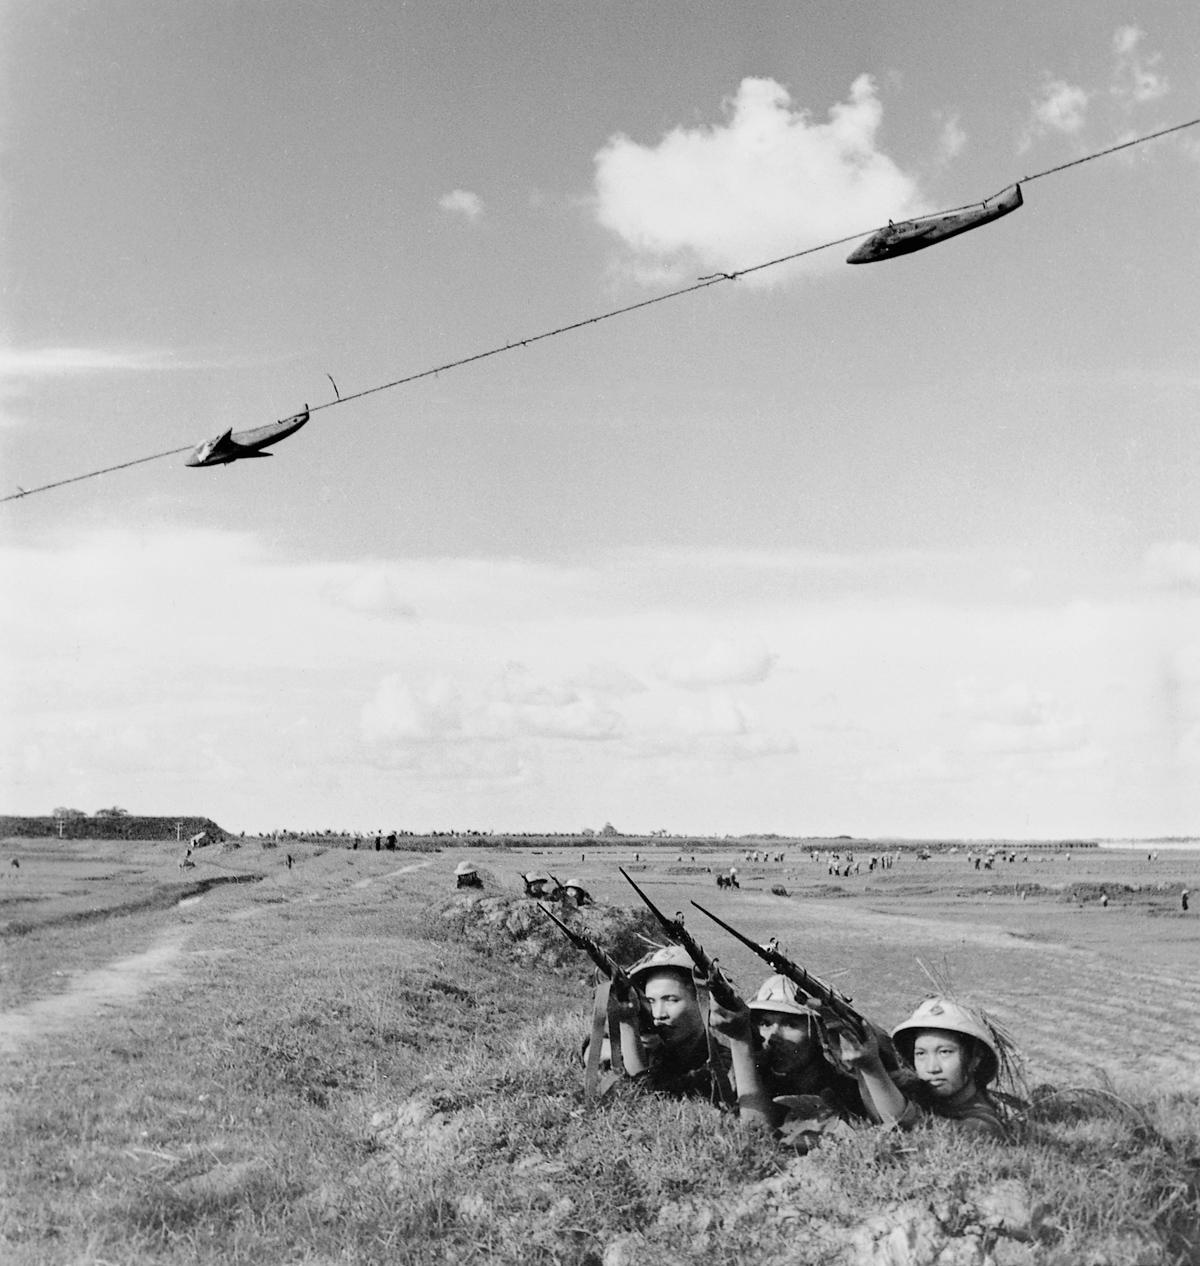 Eylül 1965, Atış taliminde bulunan Viet Cong gerillaları.